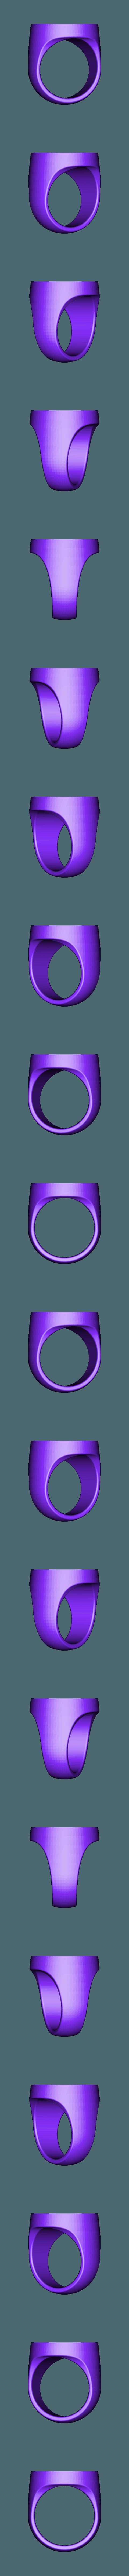 Sapphire_Lantern_Ring_pt1.STL Télécharger fichier STL gratuit Bague de lanterne en saphir pour double extrusion • Modèle imprimable en 3D, niceandeasy